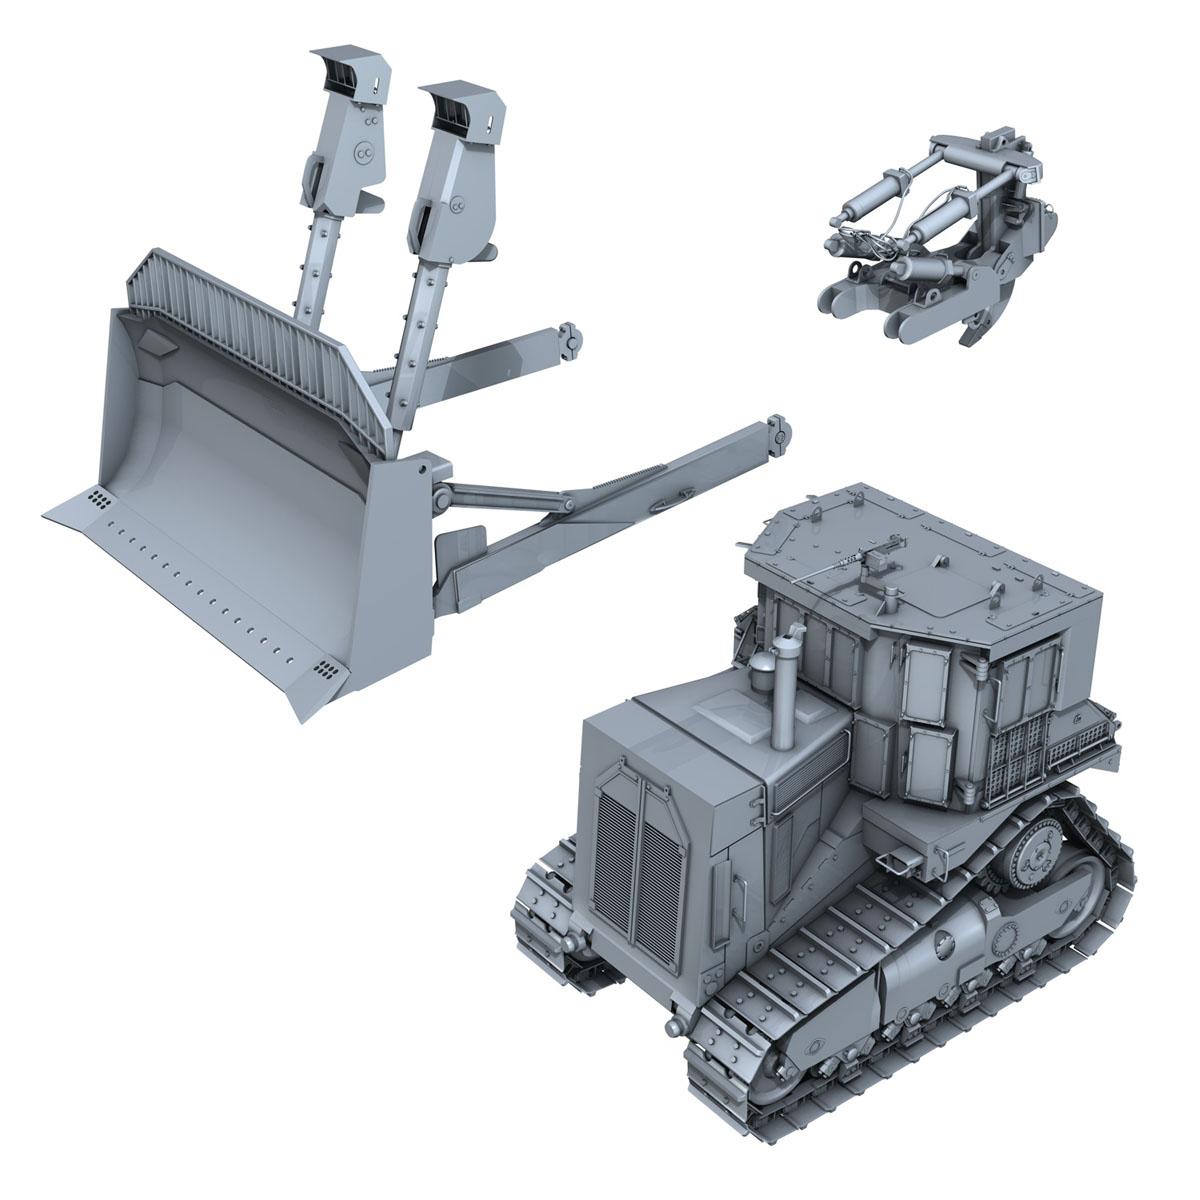 хуягт муур d9r bulldozer 3d загвар 3ds fbx c4d lwo obj 201408